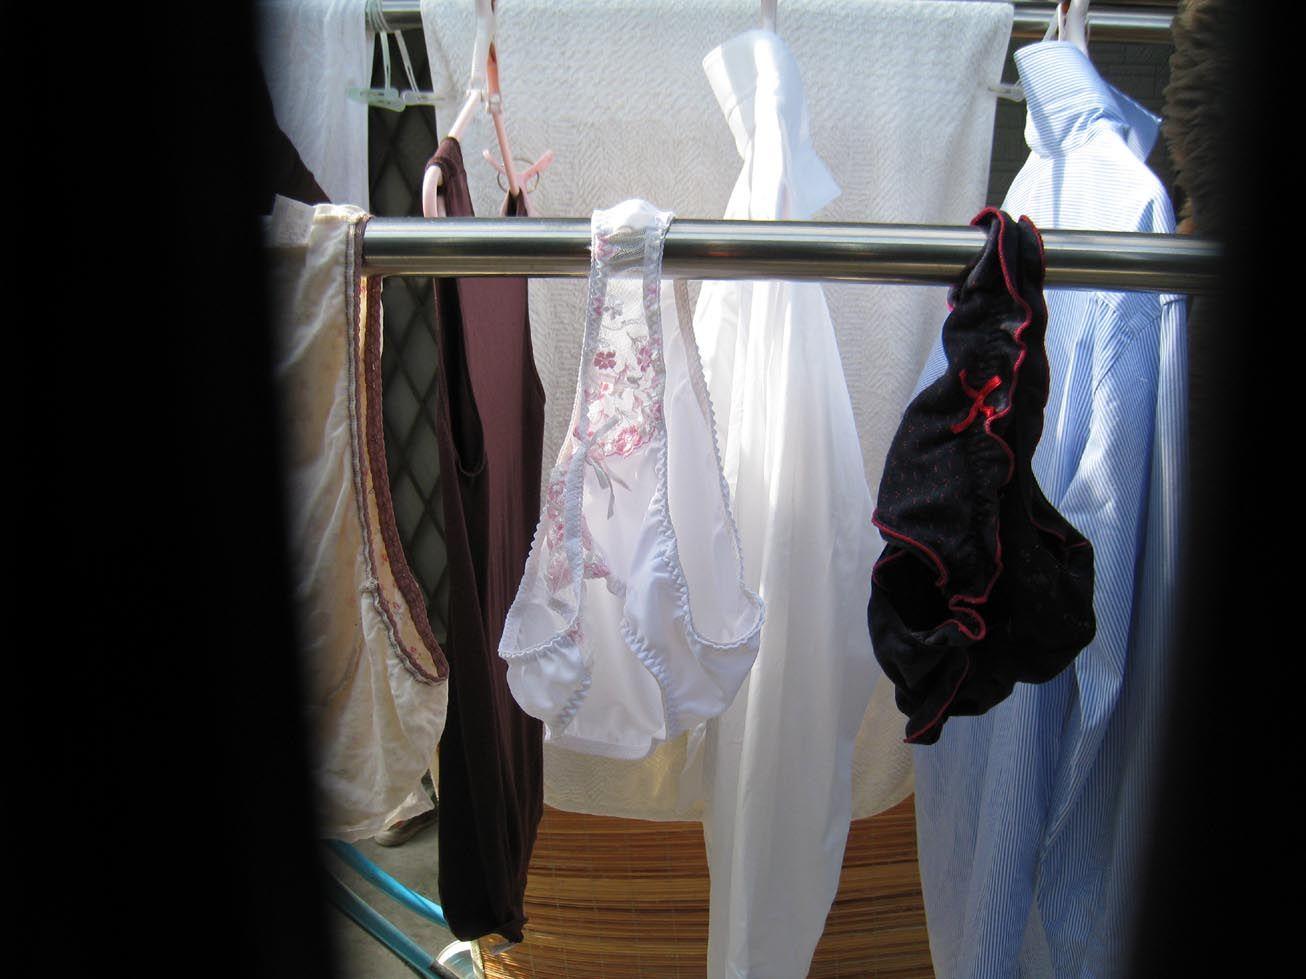 物干し竿 パンツ ブラ 吊るす 干し方 エロ画像【7】